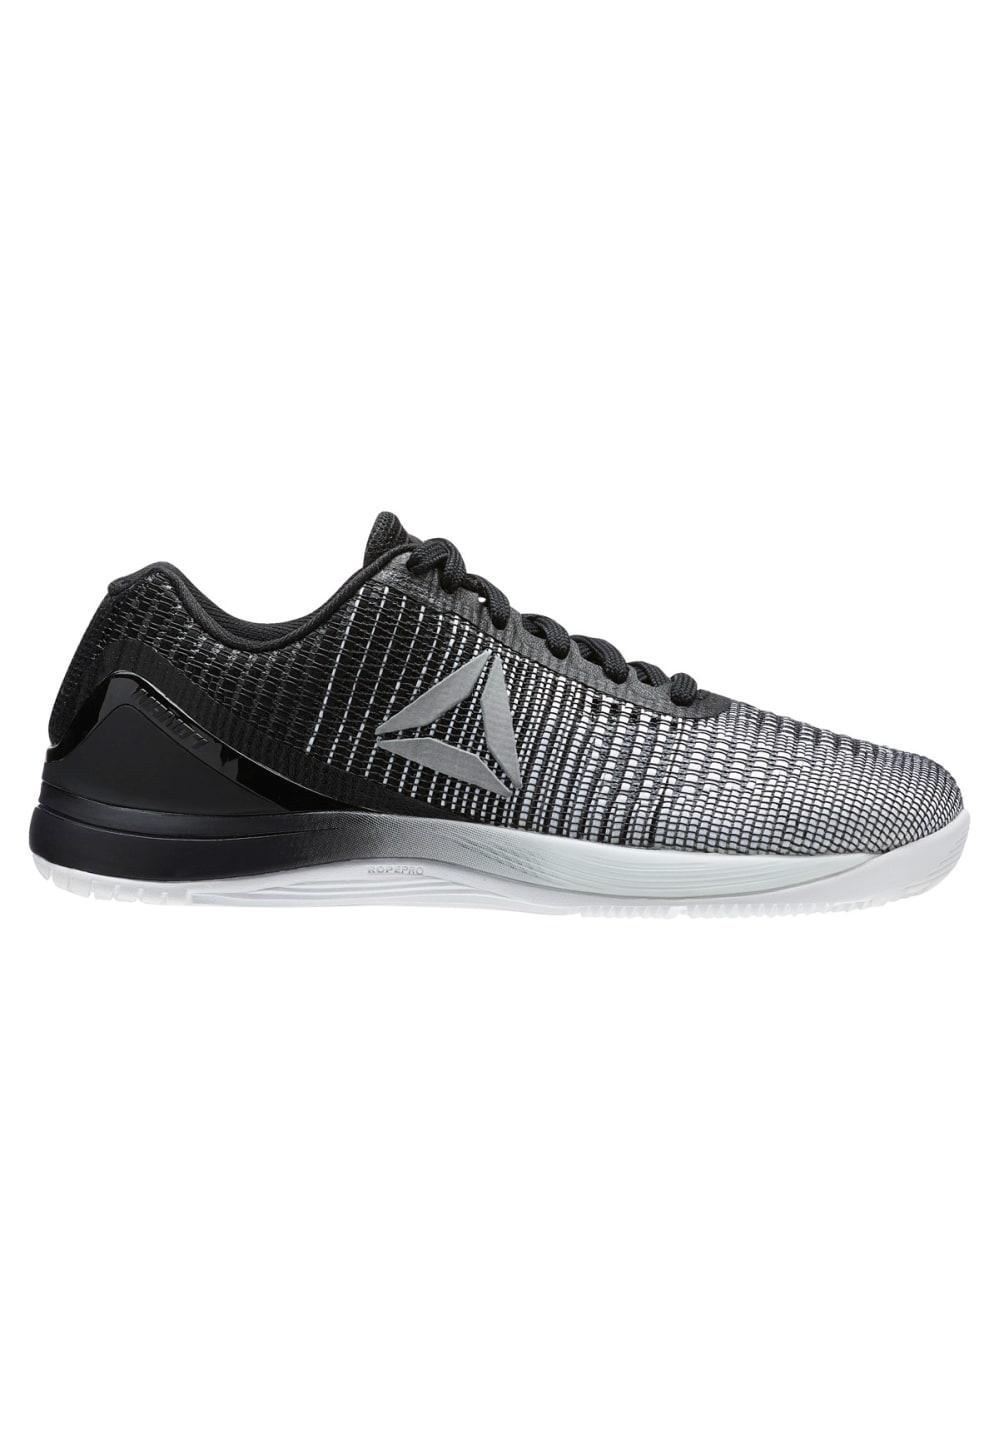 Reebok R Crossfit Nano 7 Chaussures fitness pour Femme Noir